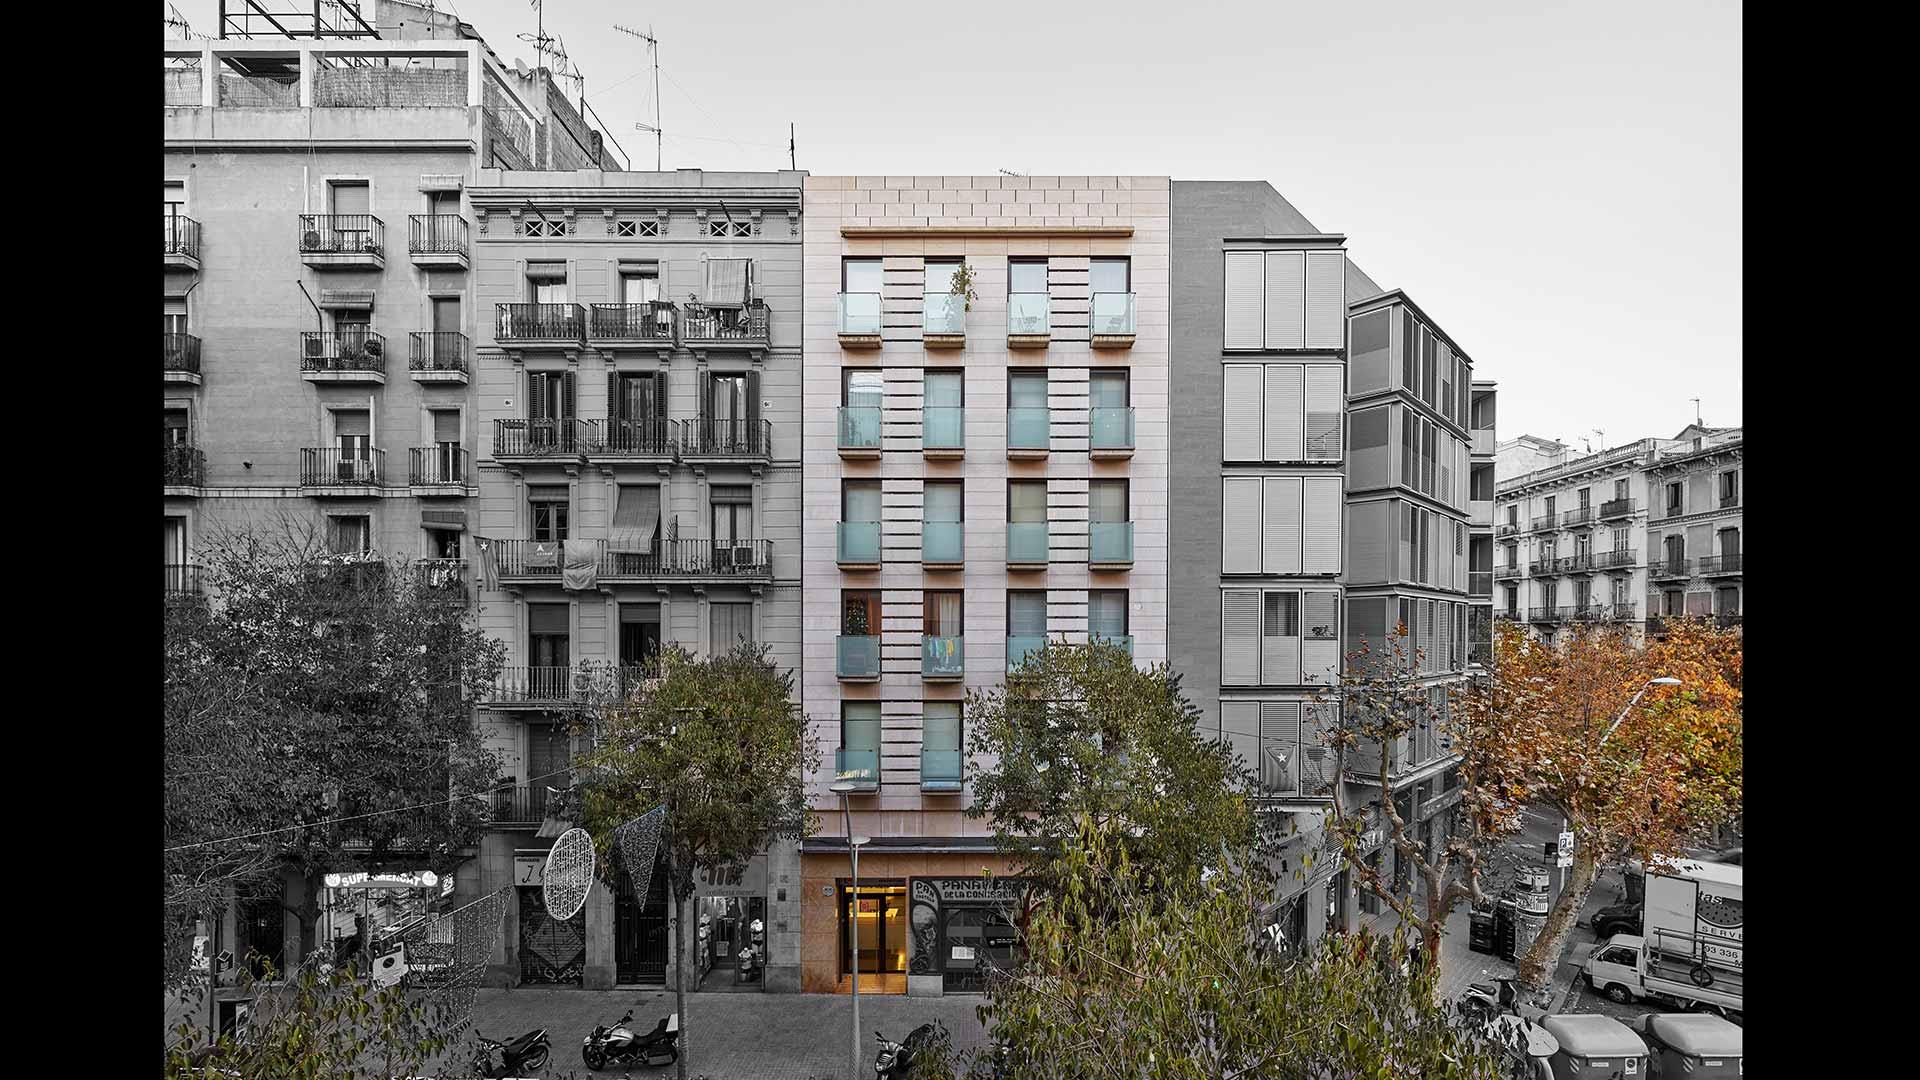 01-9848-Girona74.jpg